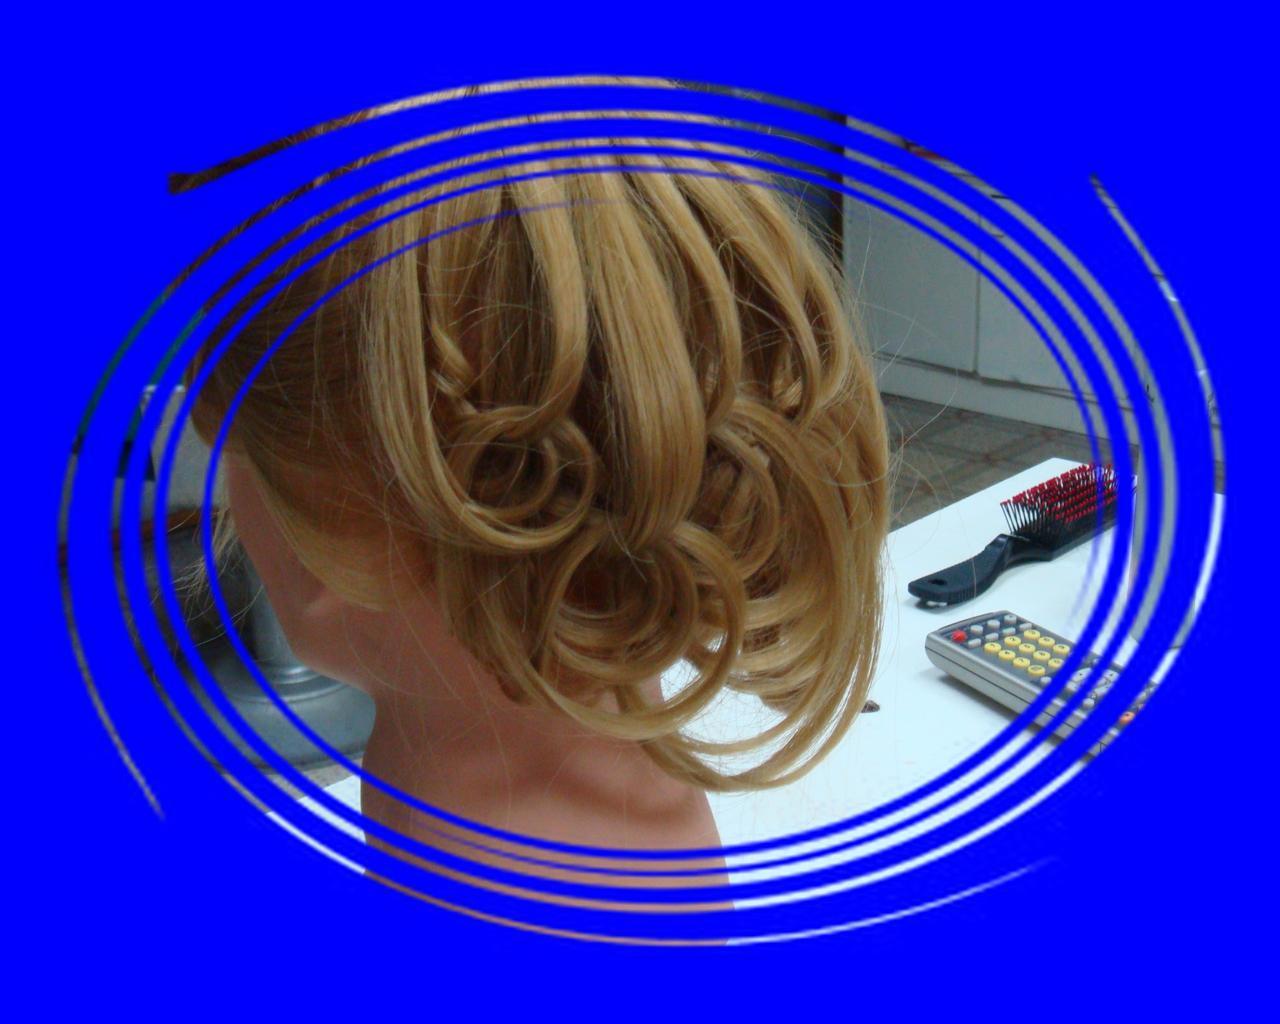 2008-11-12_215938_3.jpg